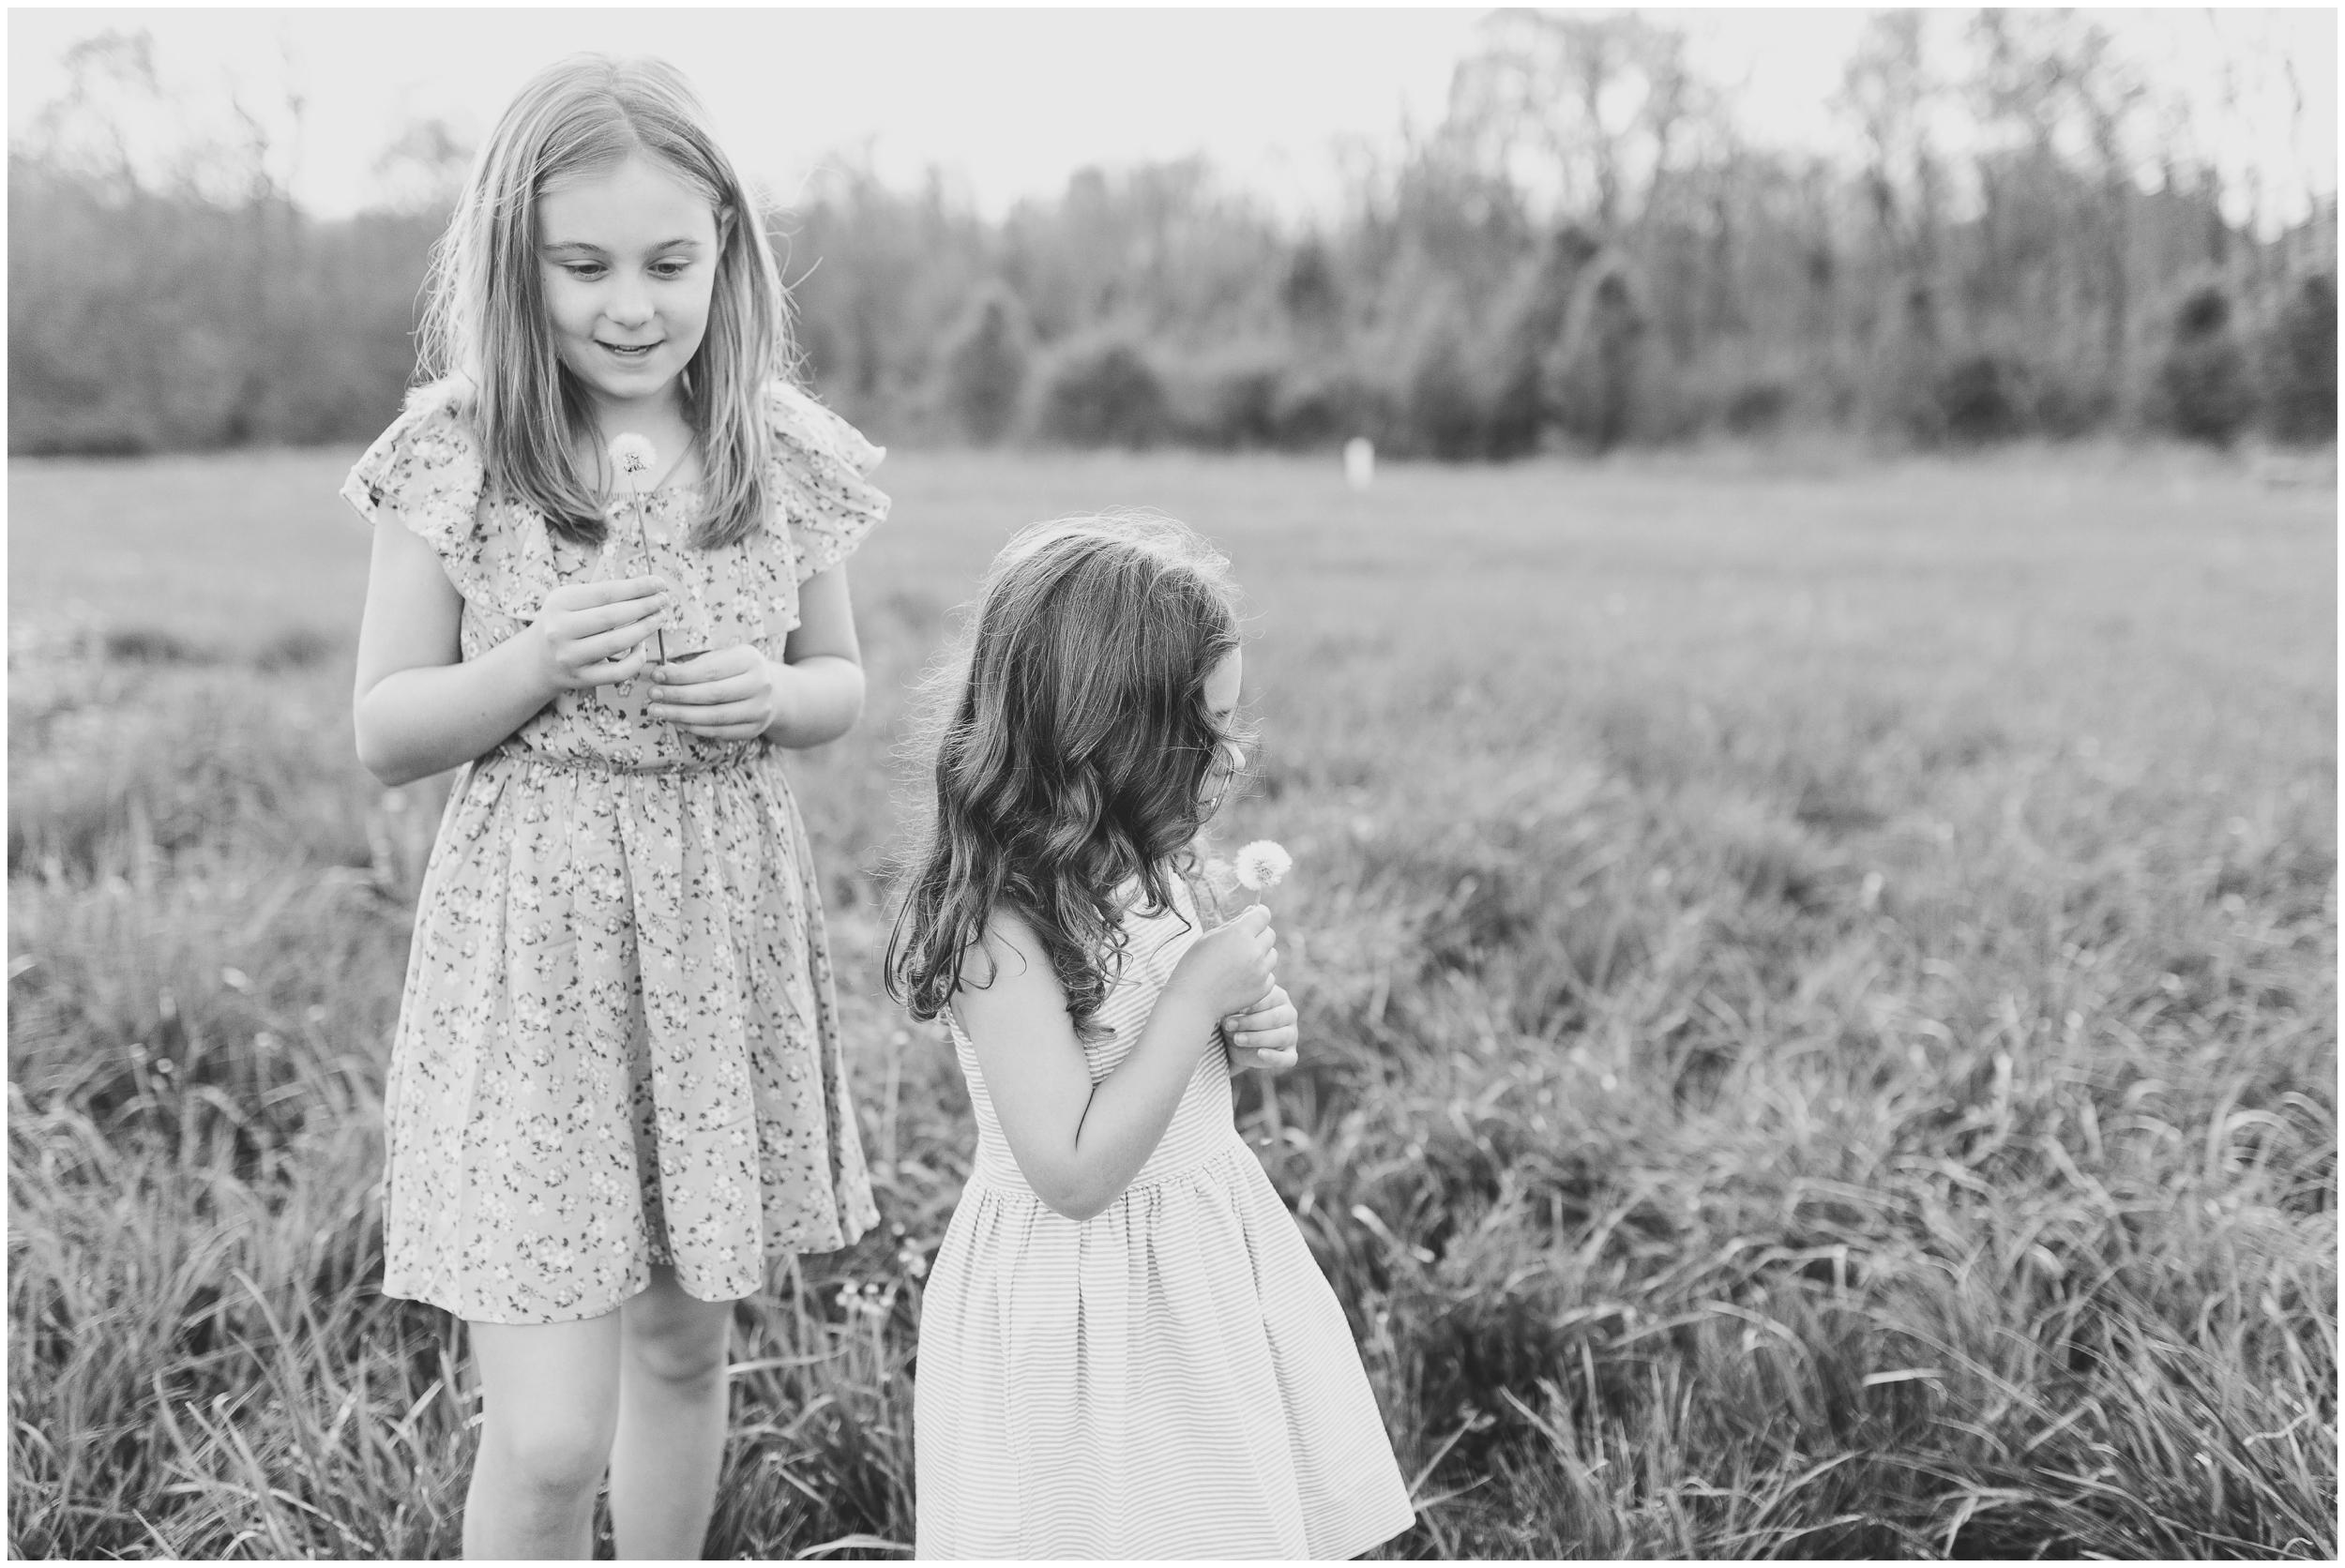 lexington-ky-family-lifestyle-photography-Priscilla-Baierlein-Photography_0280.jpg